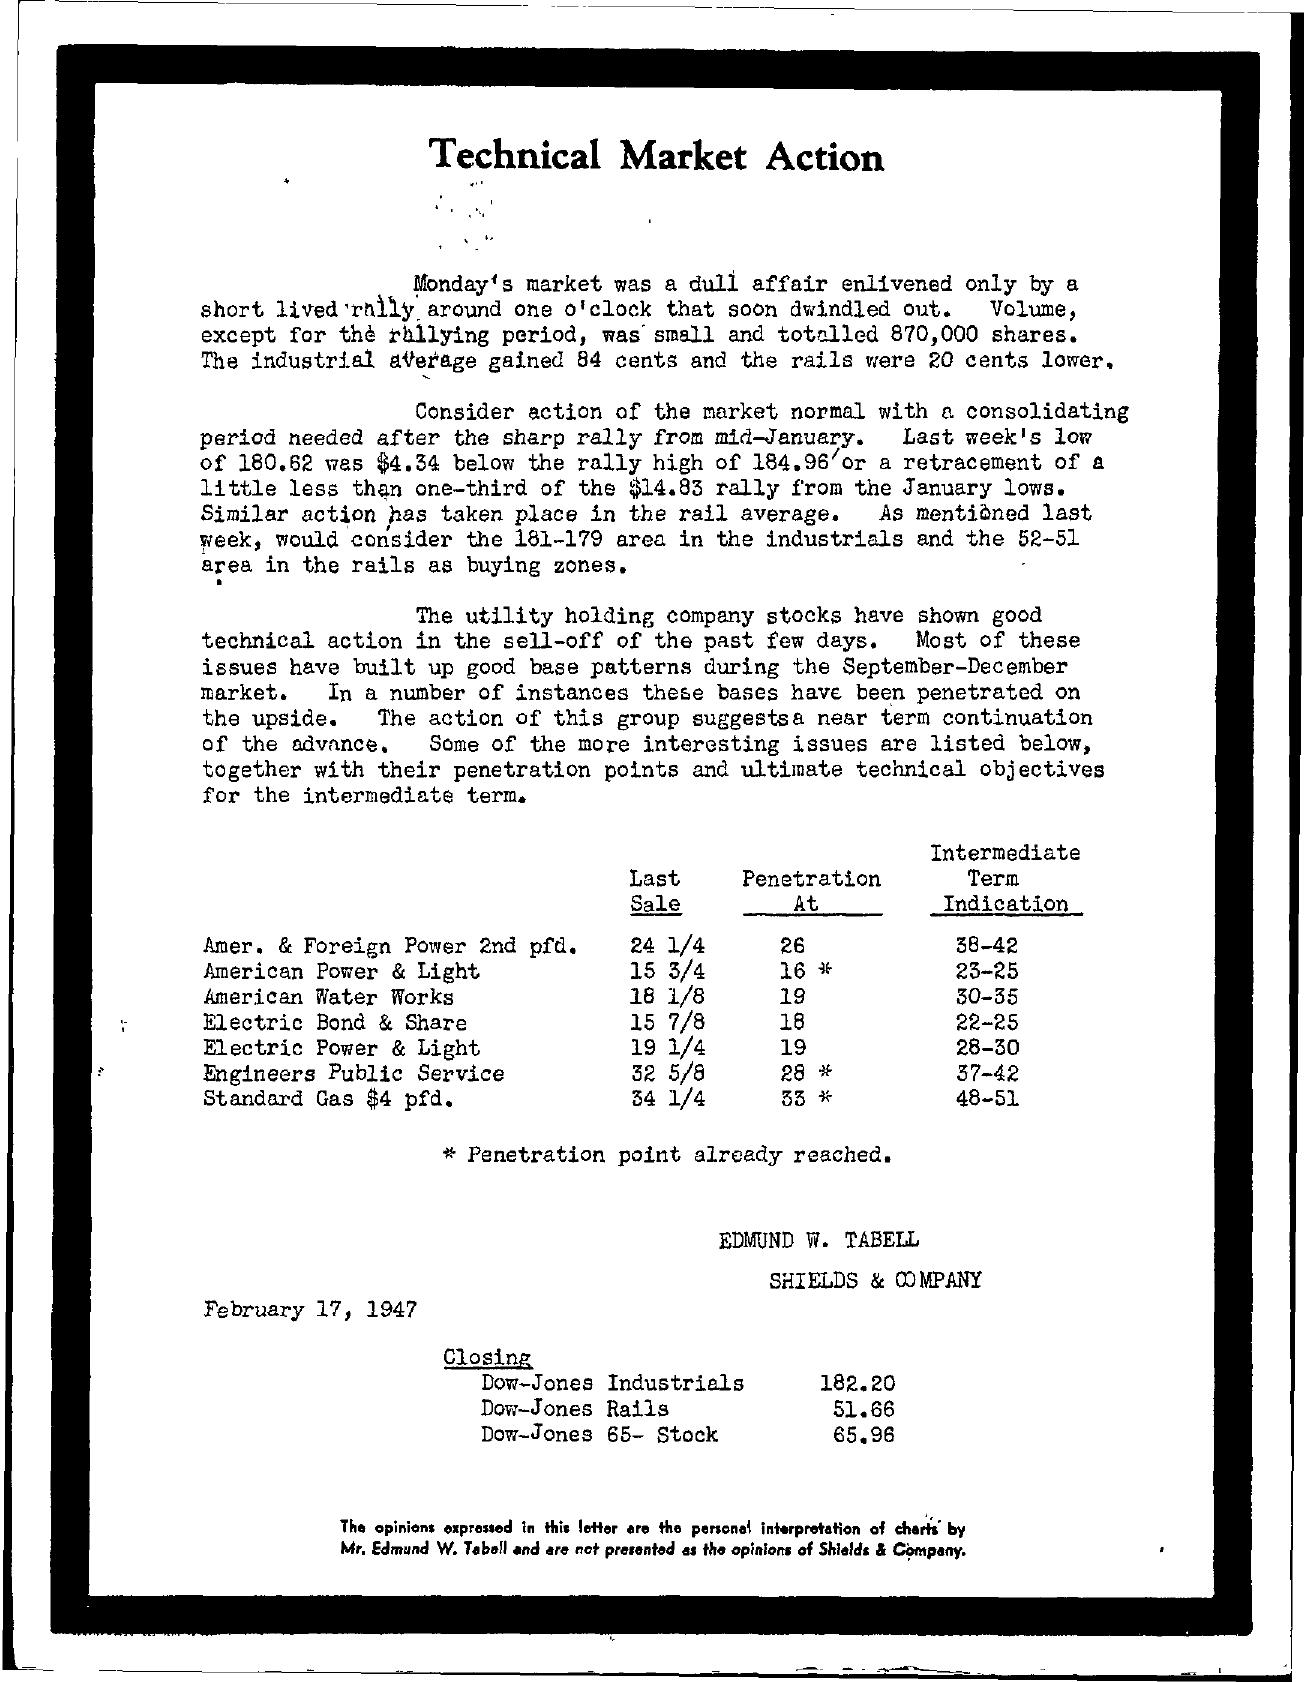 Tabell's Market Letter - February 17, 1947